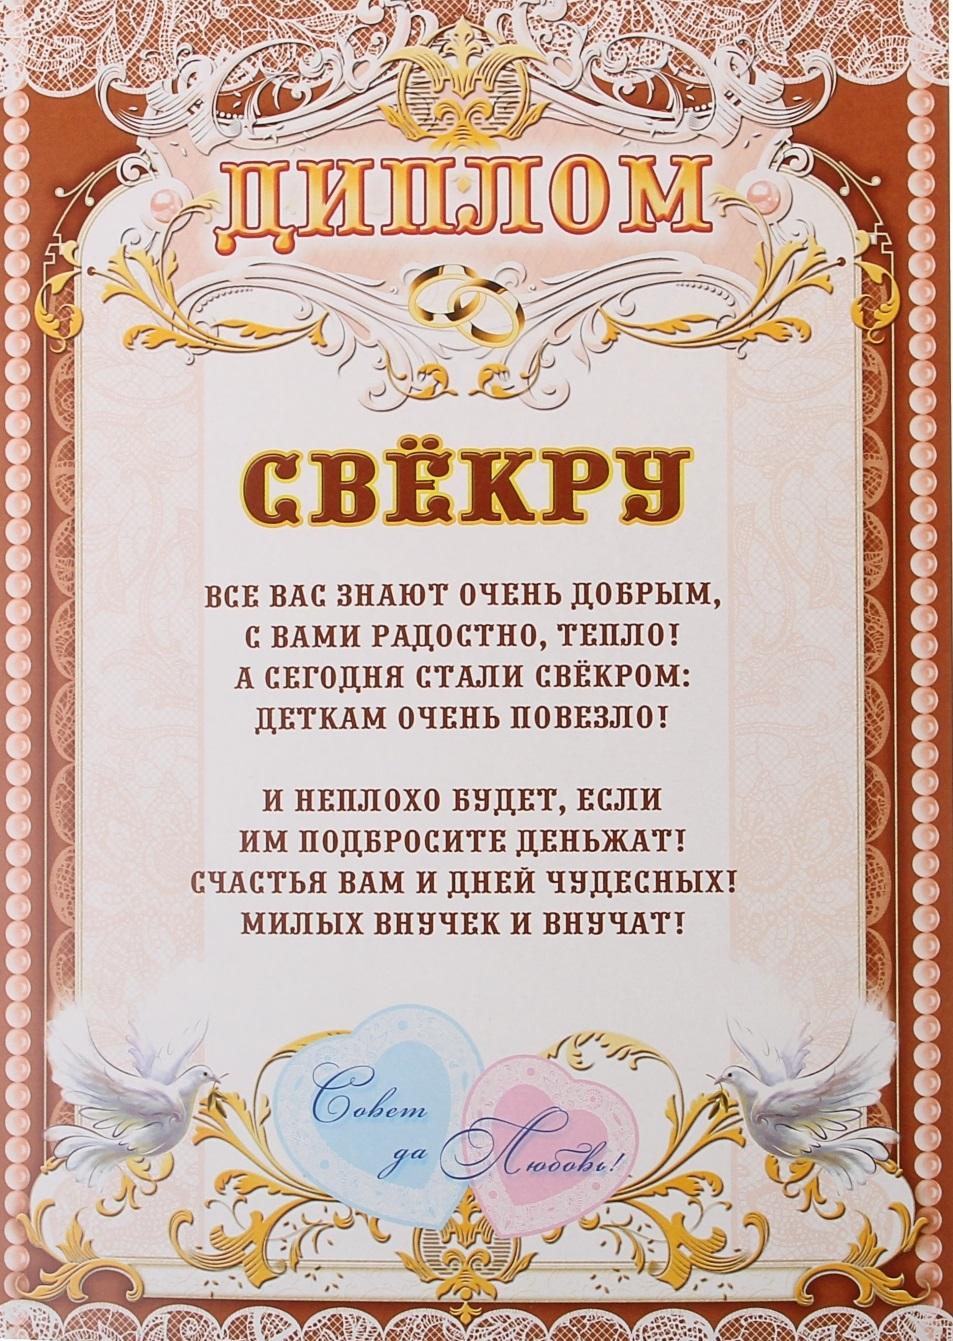 Печать грамот и дипломов свекру в Москве   фото 3